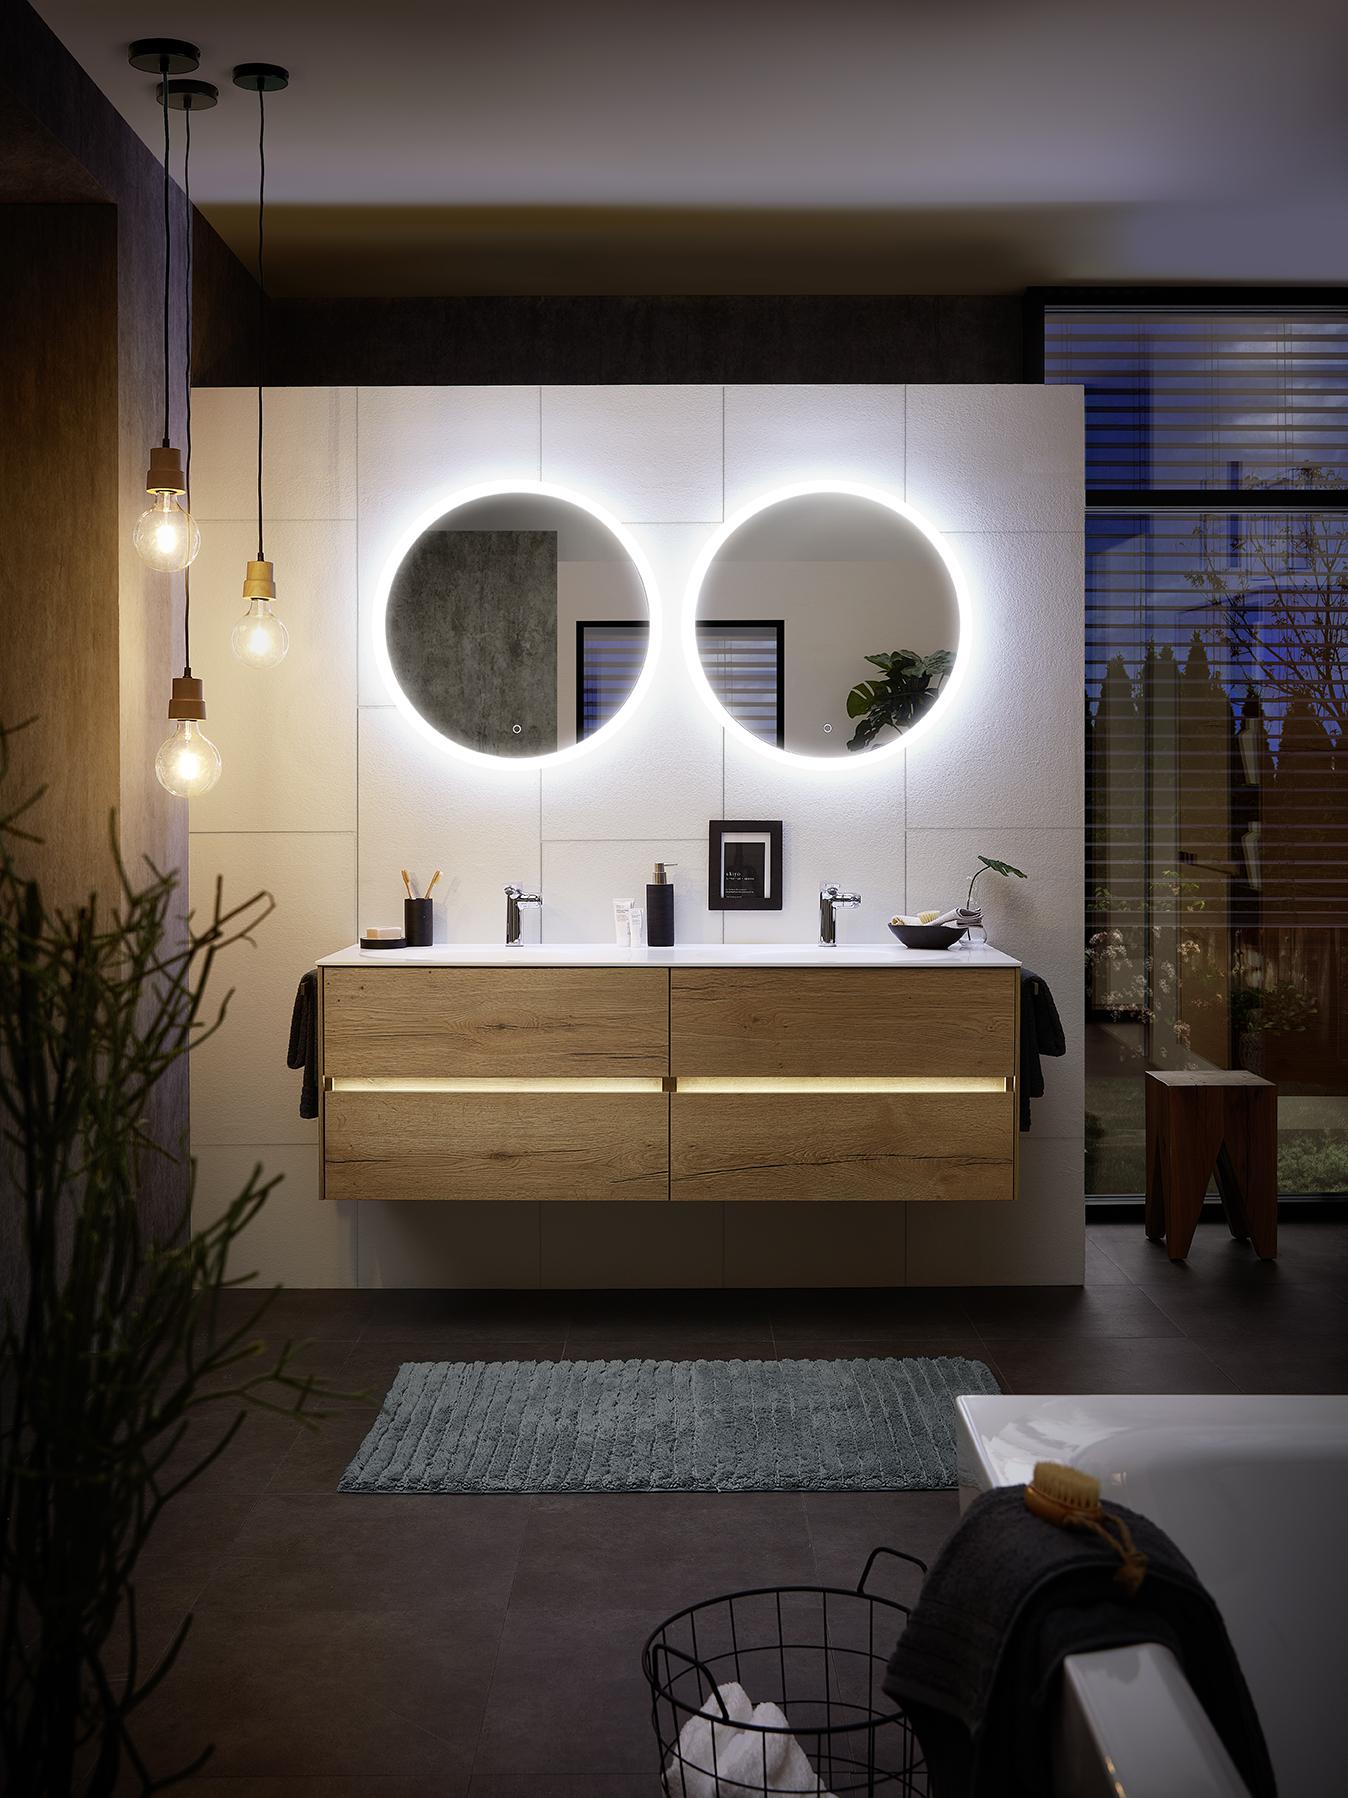 Lichtkonzepte zum Wohlfühlen: Tipps für die optimale Badezimmer-Beleuchtung